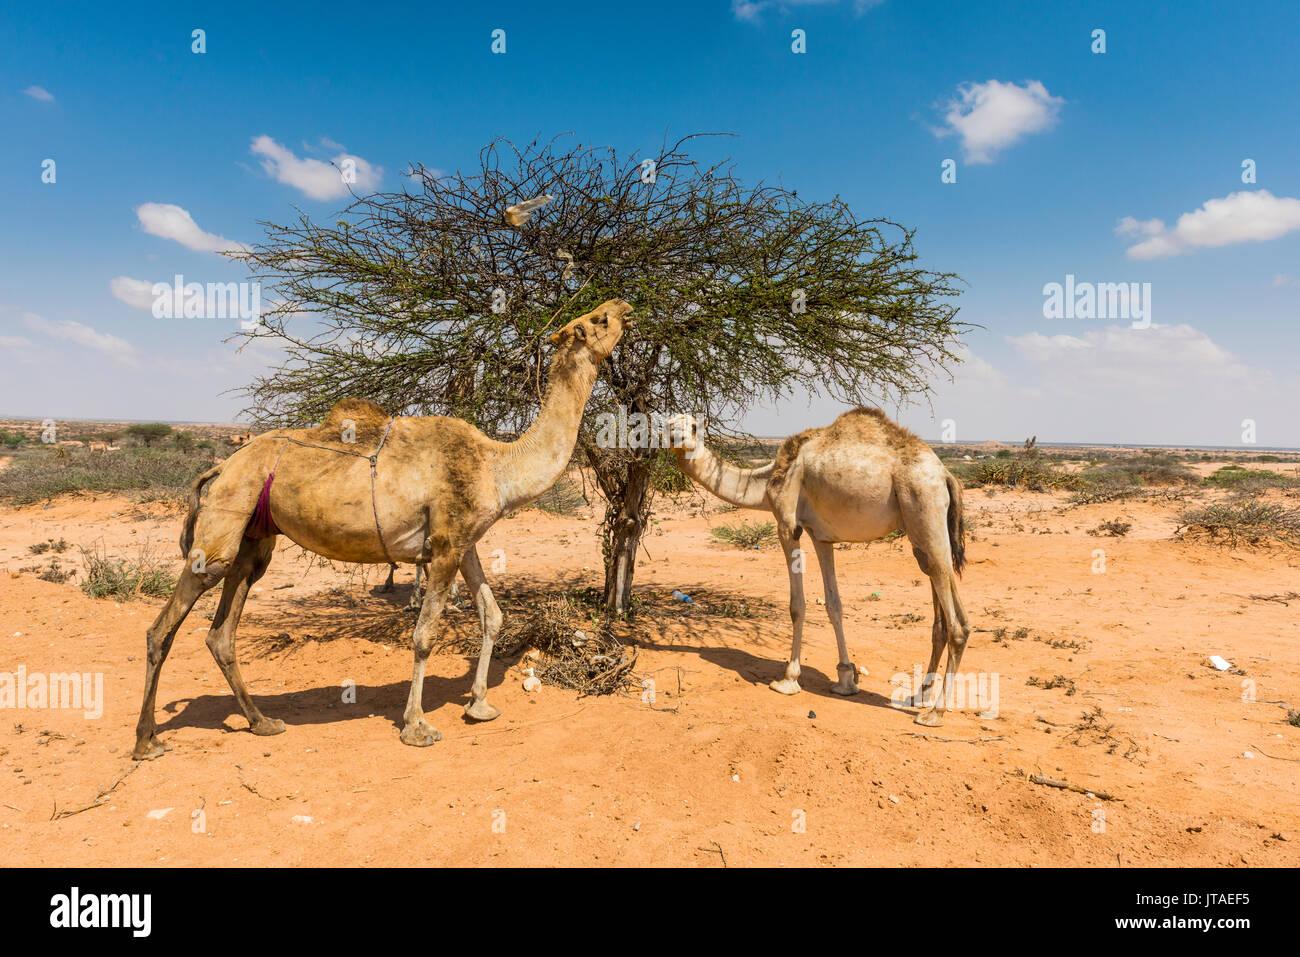 Camels eating an acacia bush, Somaliland, Somalia, Africa - Stock Image